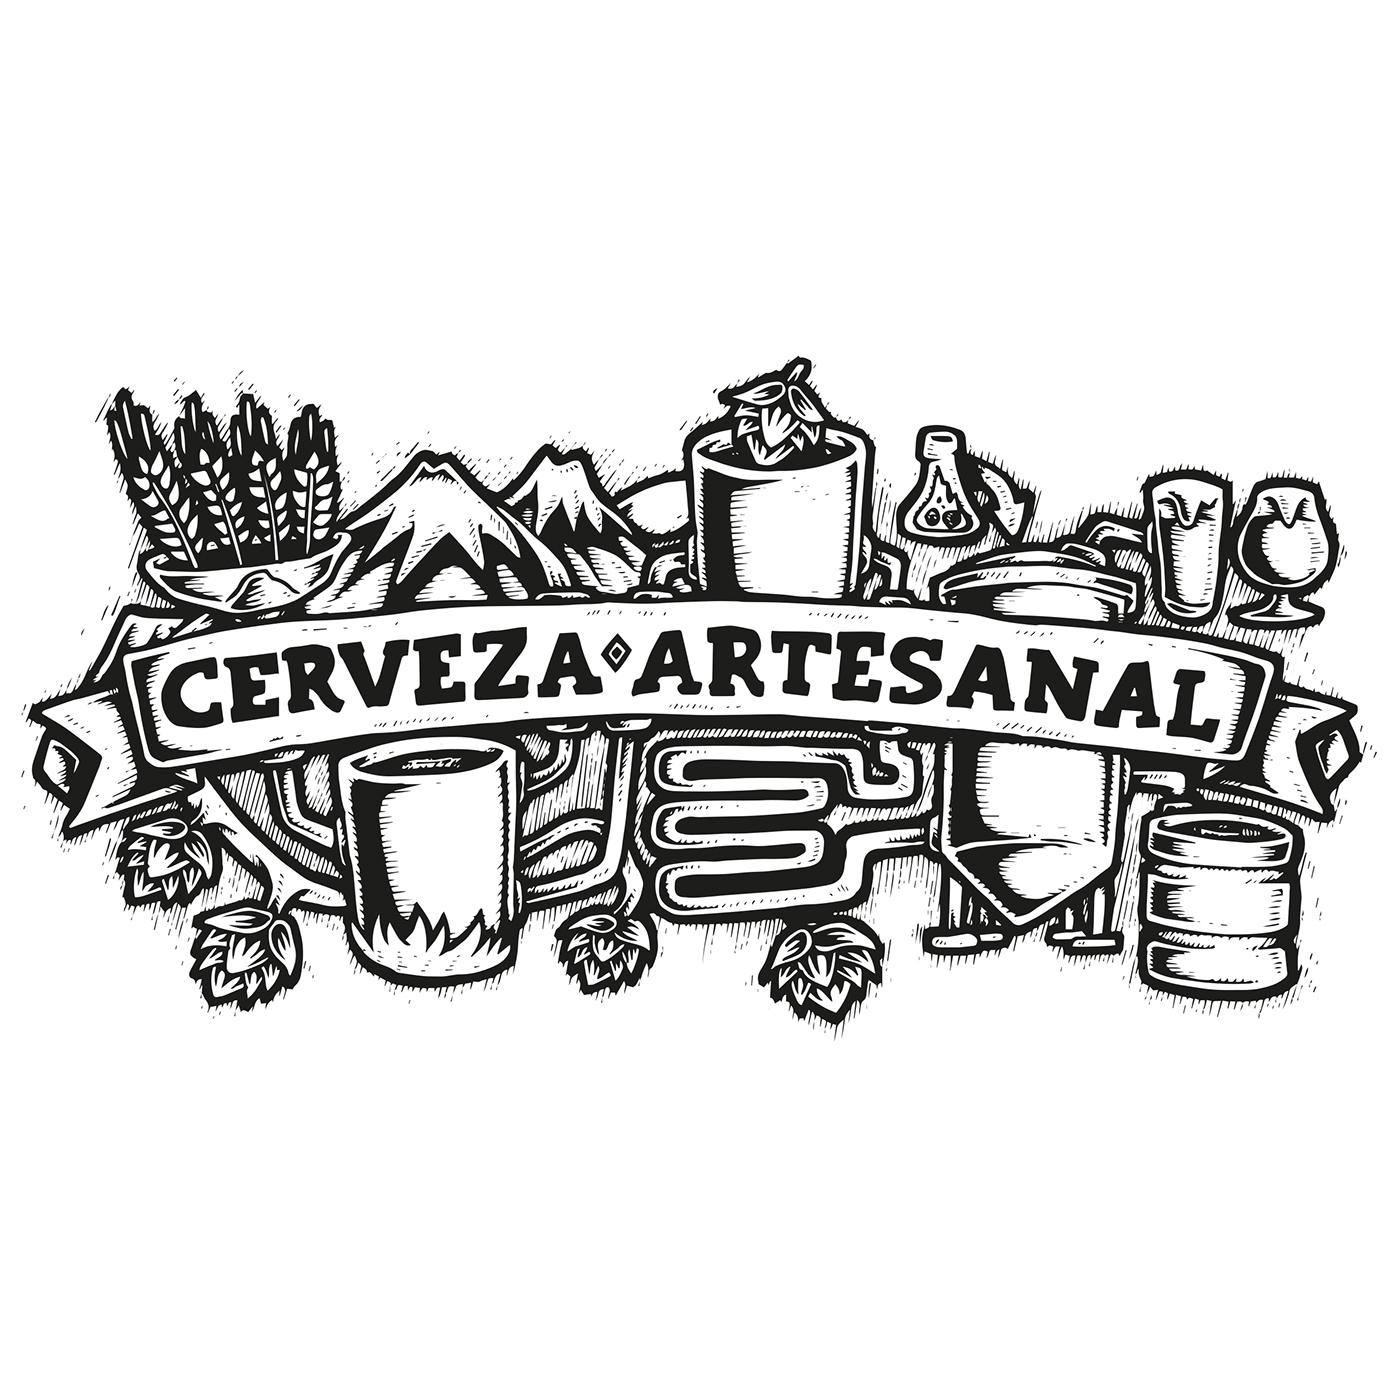 beer Birra Bier snifter craftbeer cerveza brewing brewery